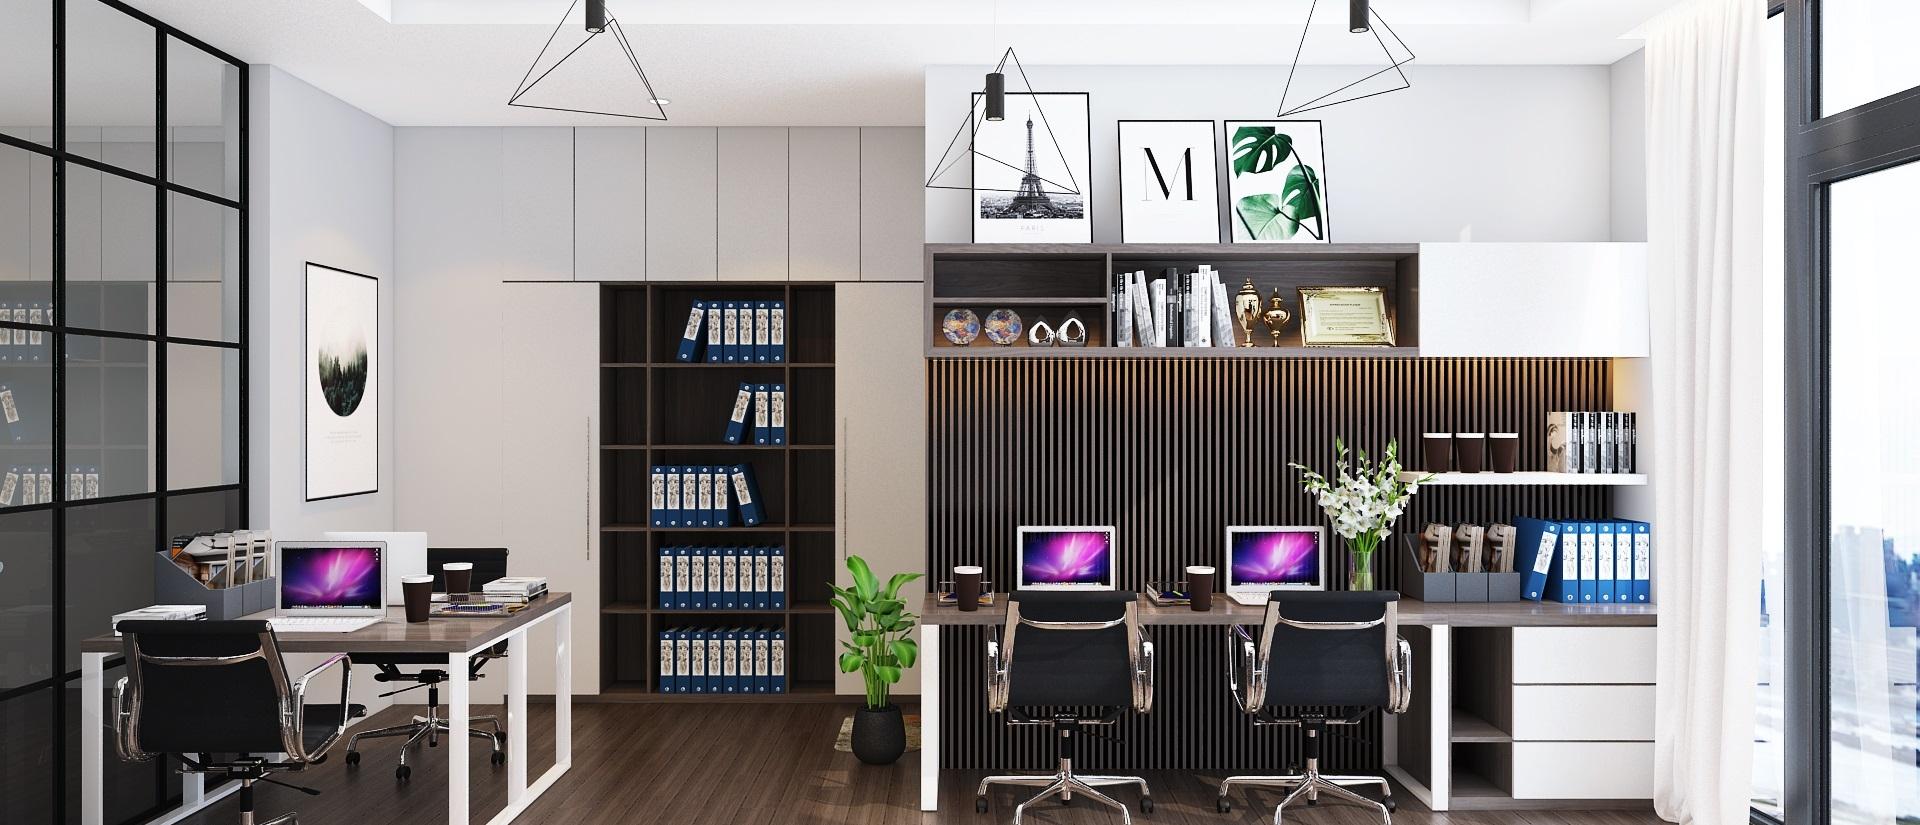 Top mẫu trang trí phòng làm việc công sở, cơ quan, tại nhà đẹp độc đáo